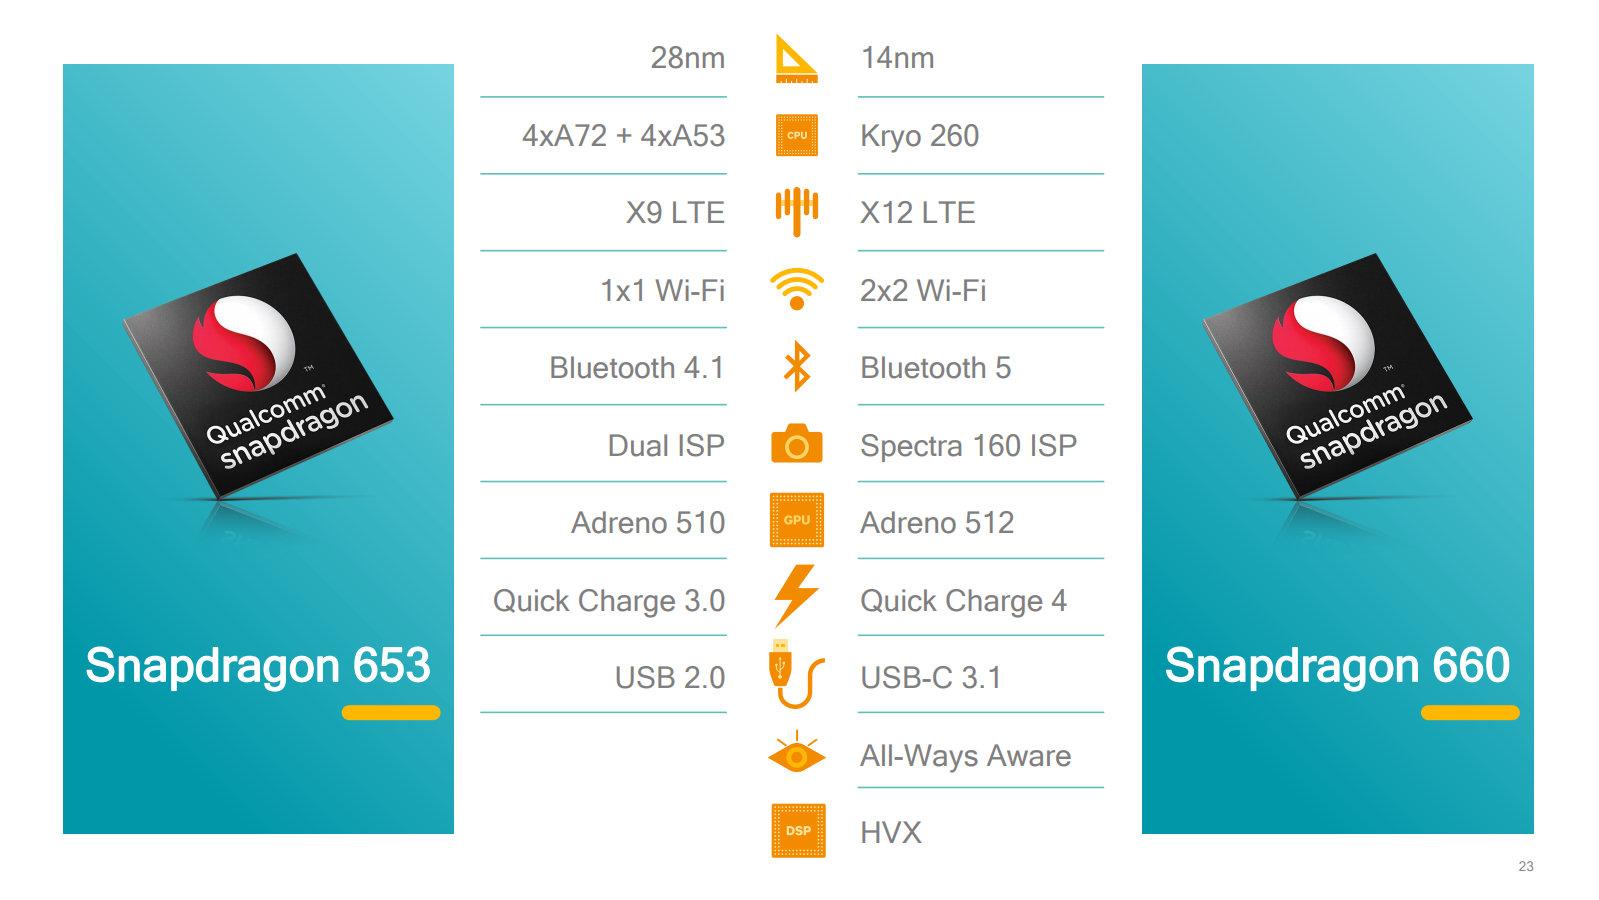 Veränderungen gegenüber Snapdragon 653 im Detail